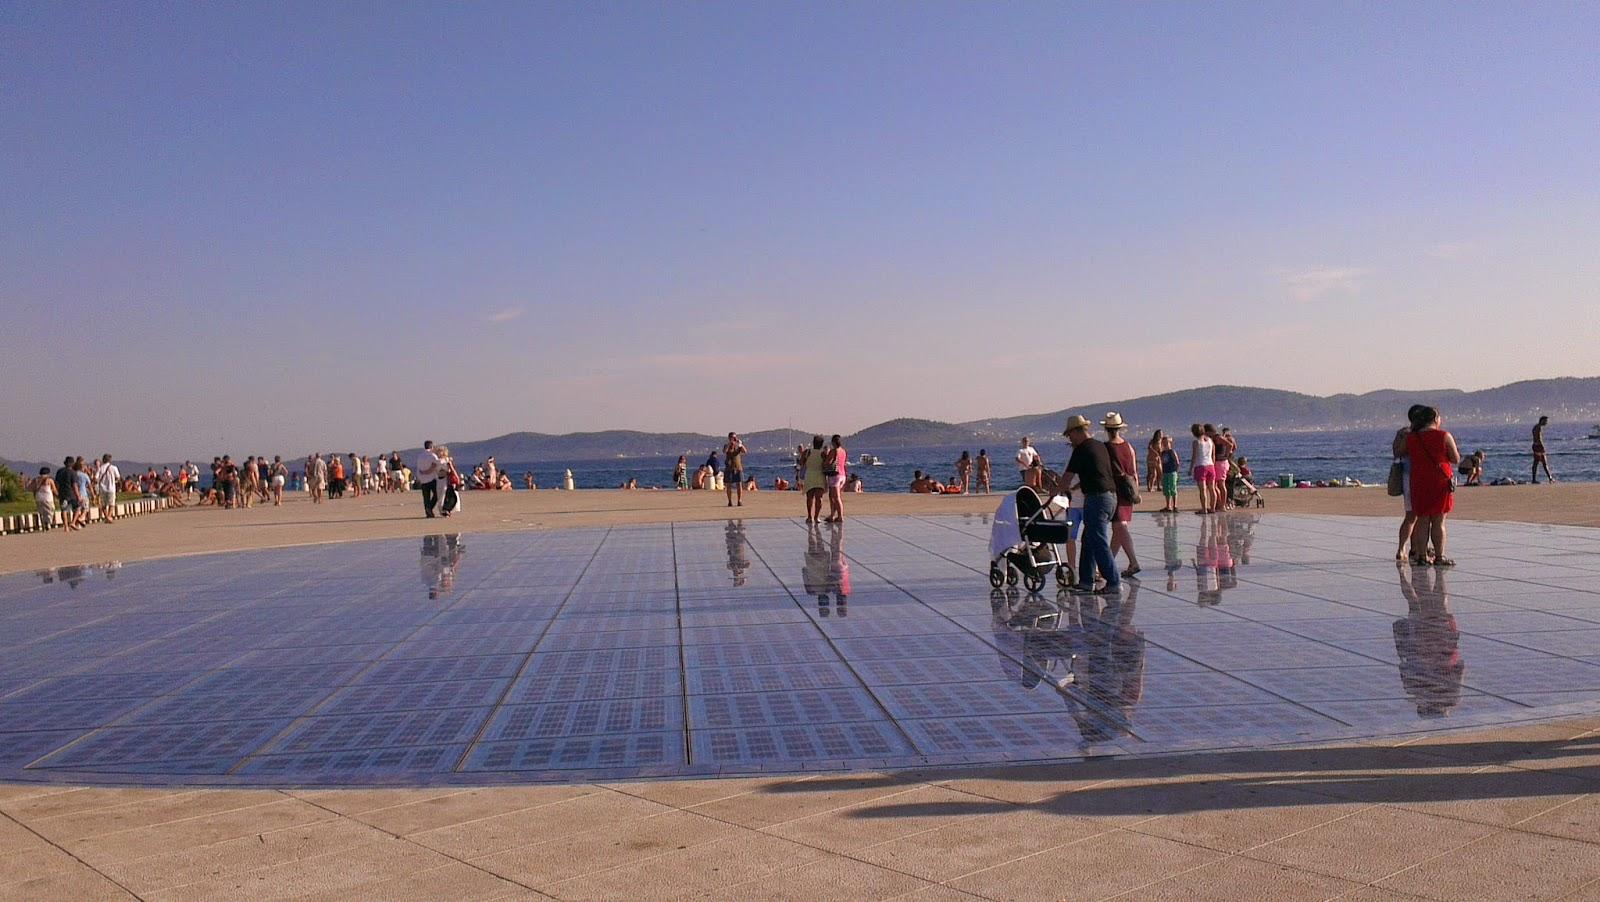 Zara - zegar słoneczny i panorama wyspy Ugljan